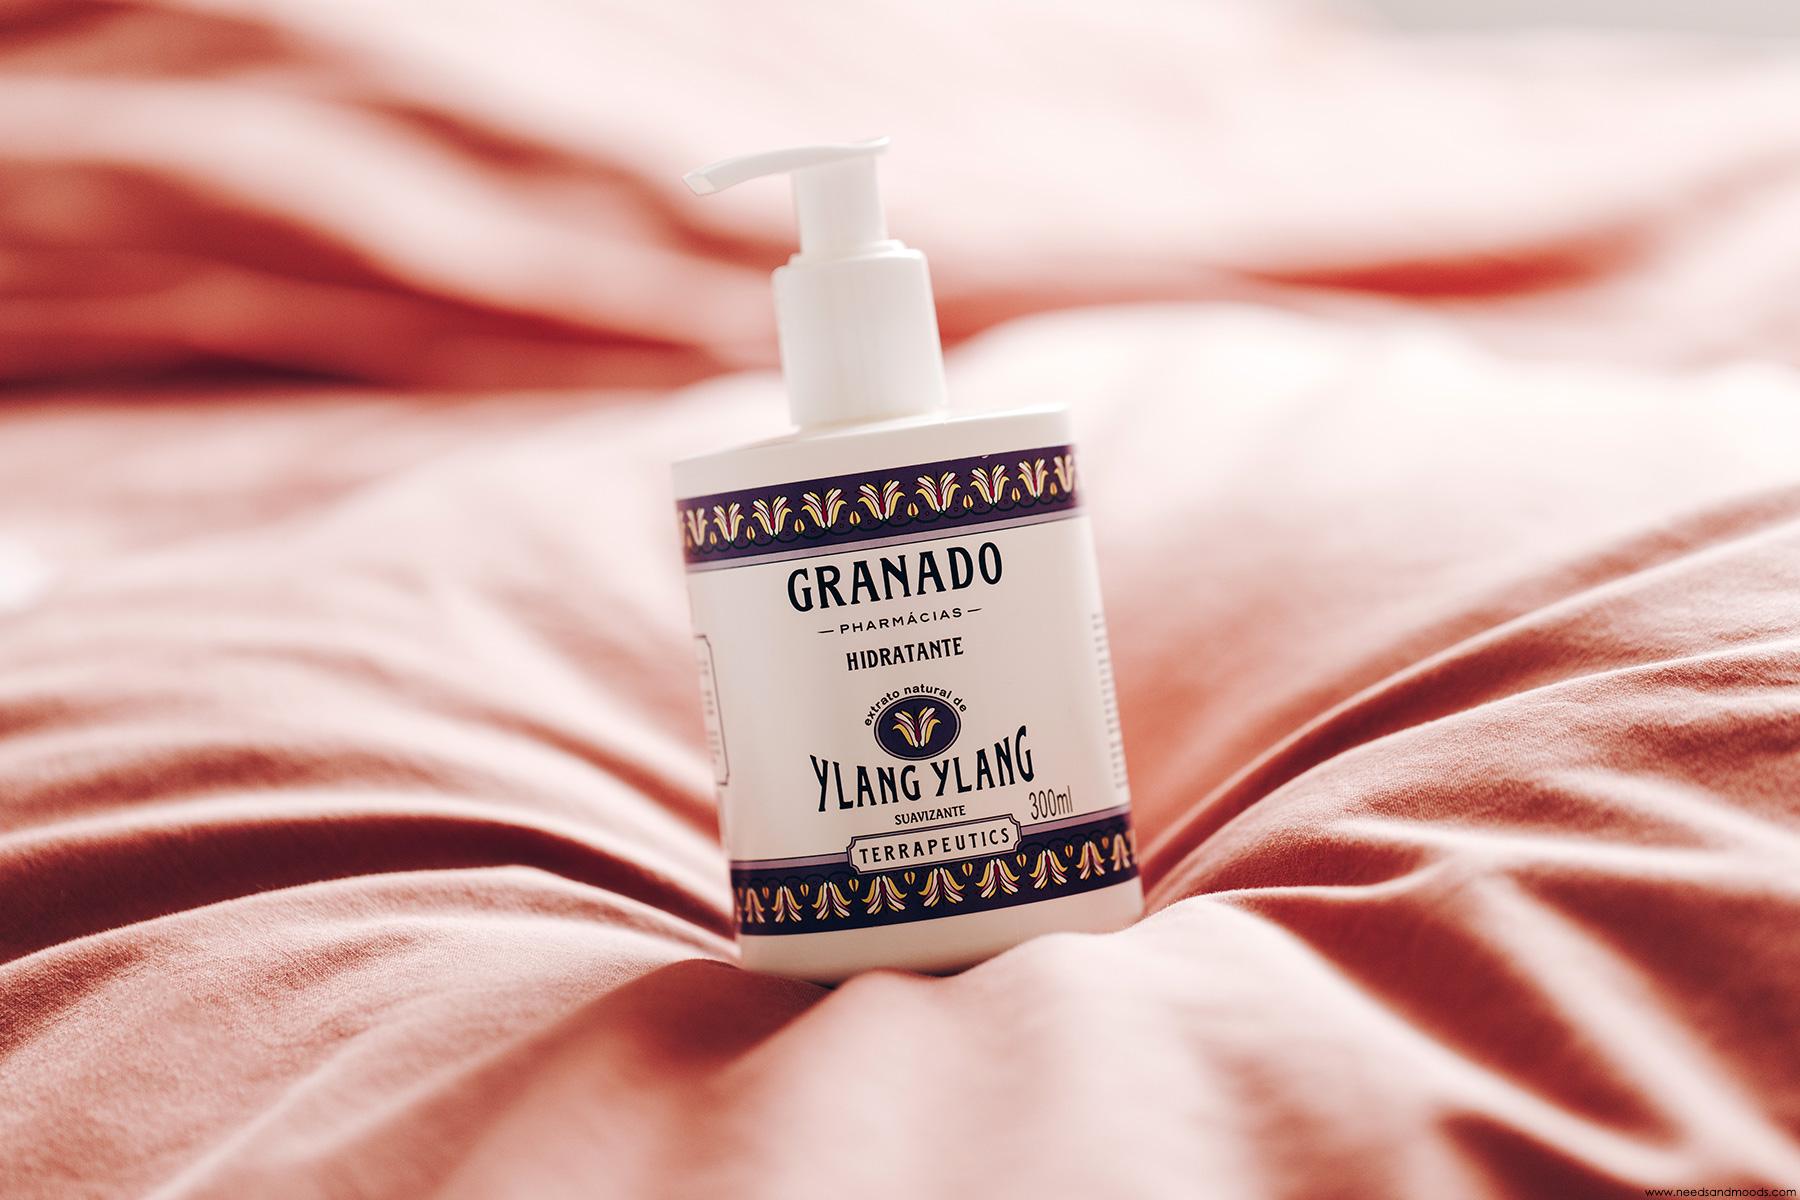 granado lait hydratant ylang ylang